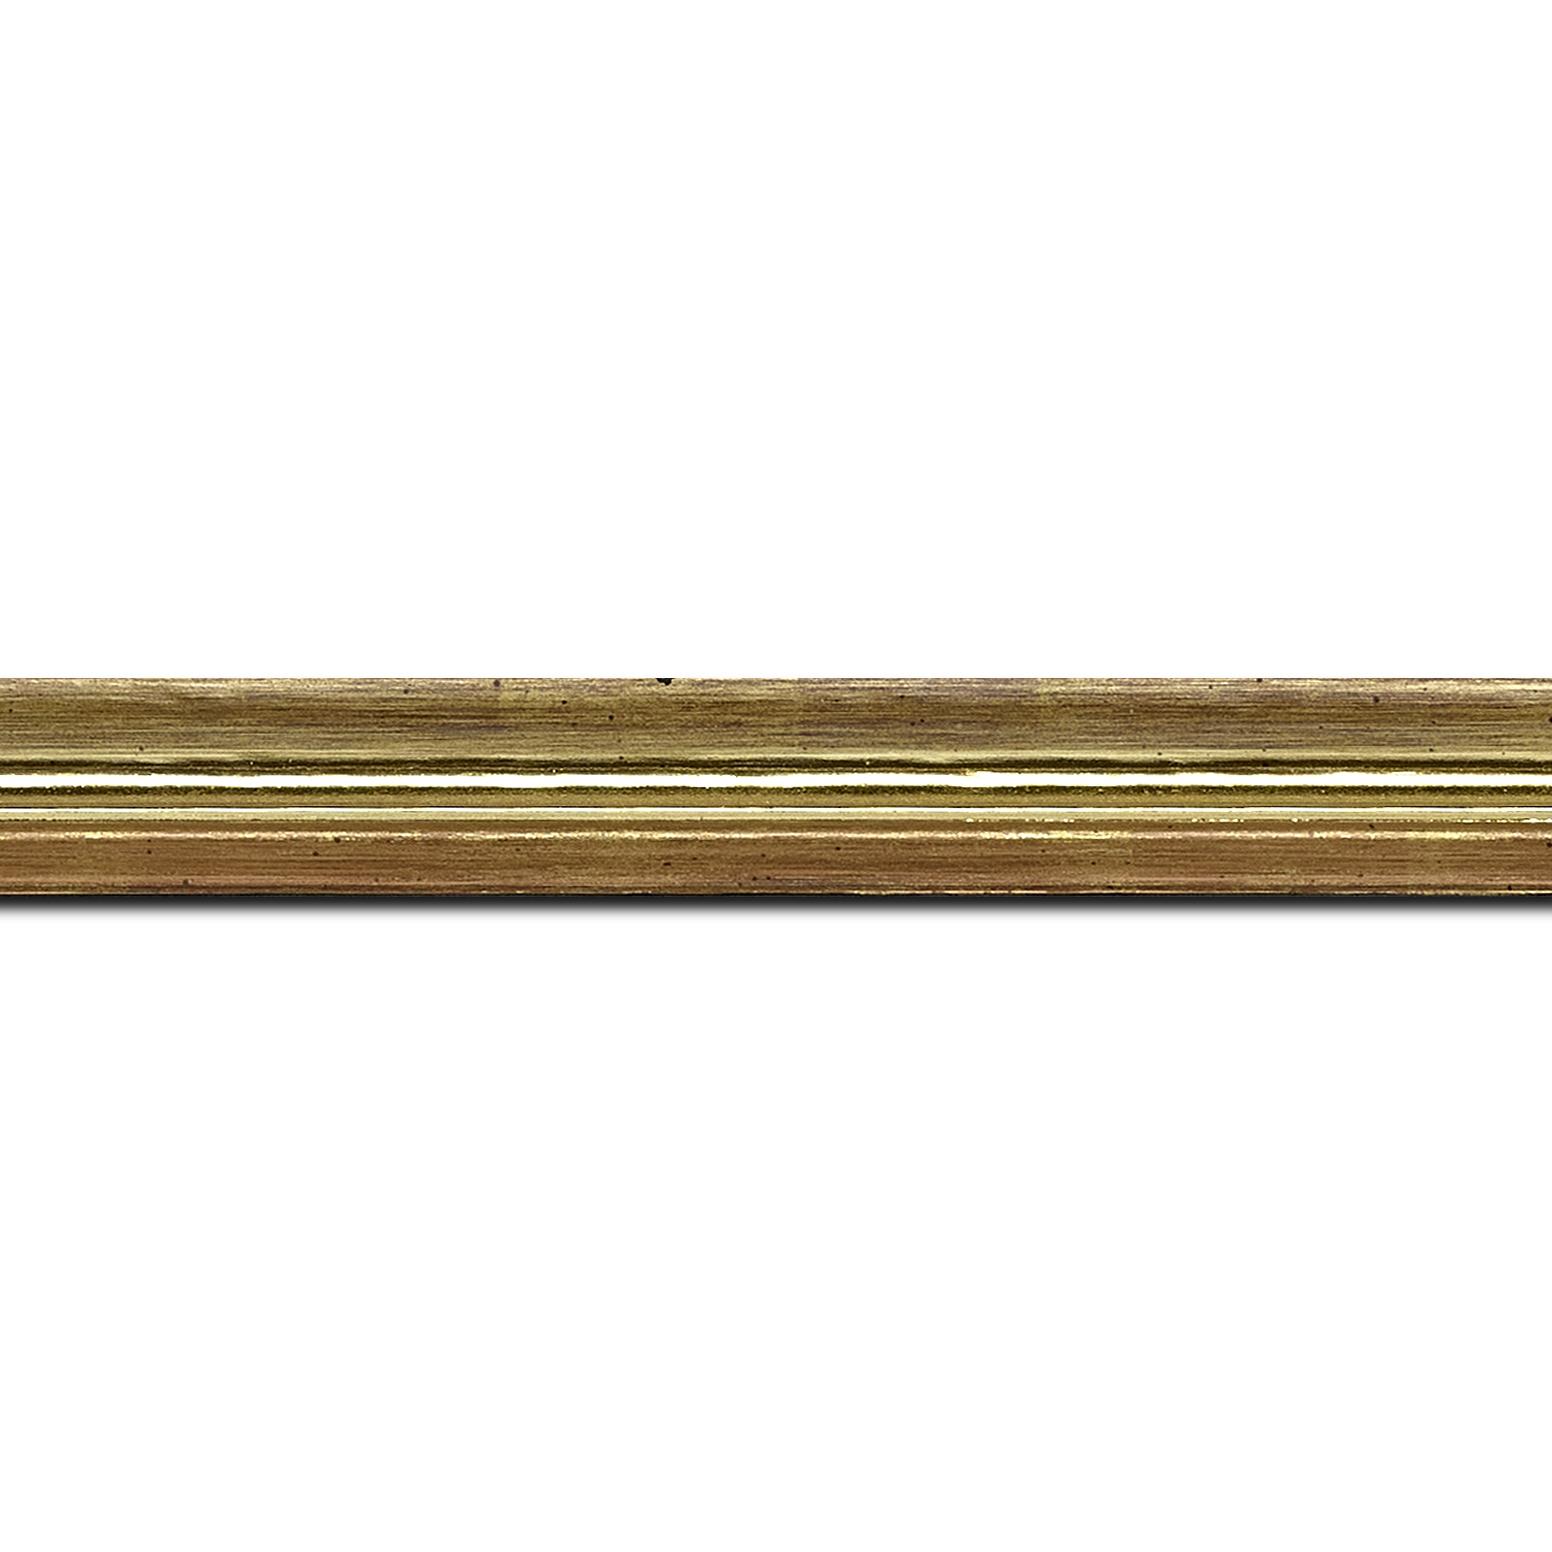 Baguette longueur 1.40m bois profil incurvé largeur 2cm couleur or coté extérieur foncé. finition haut de gamme car dorure à l'eau fait main